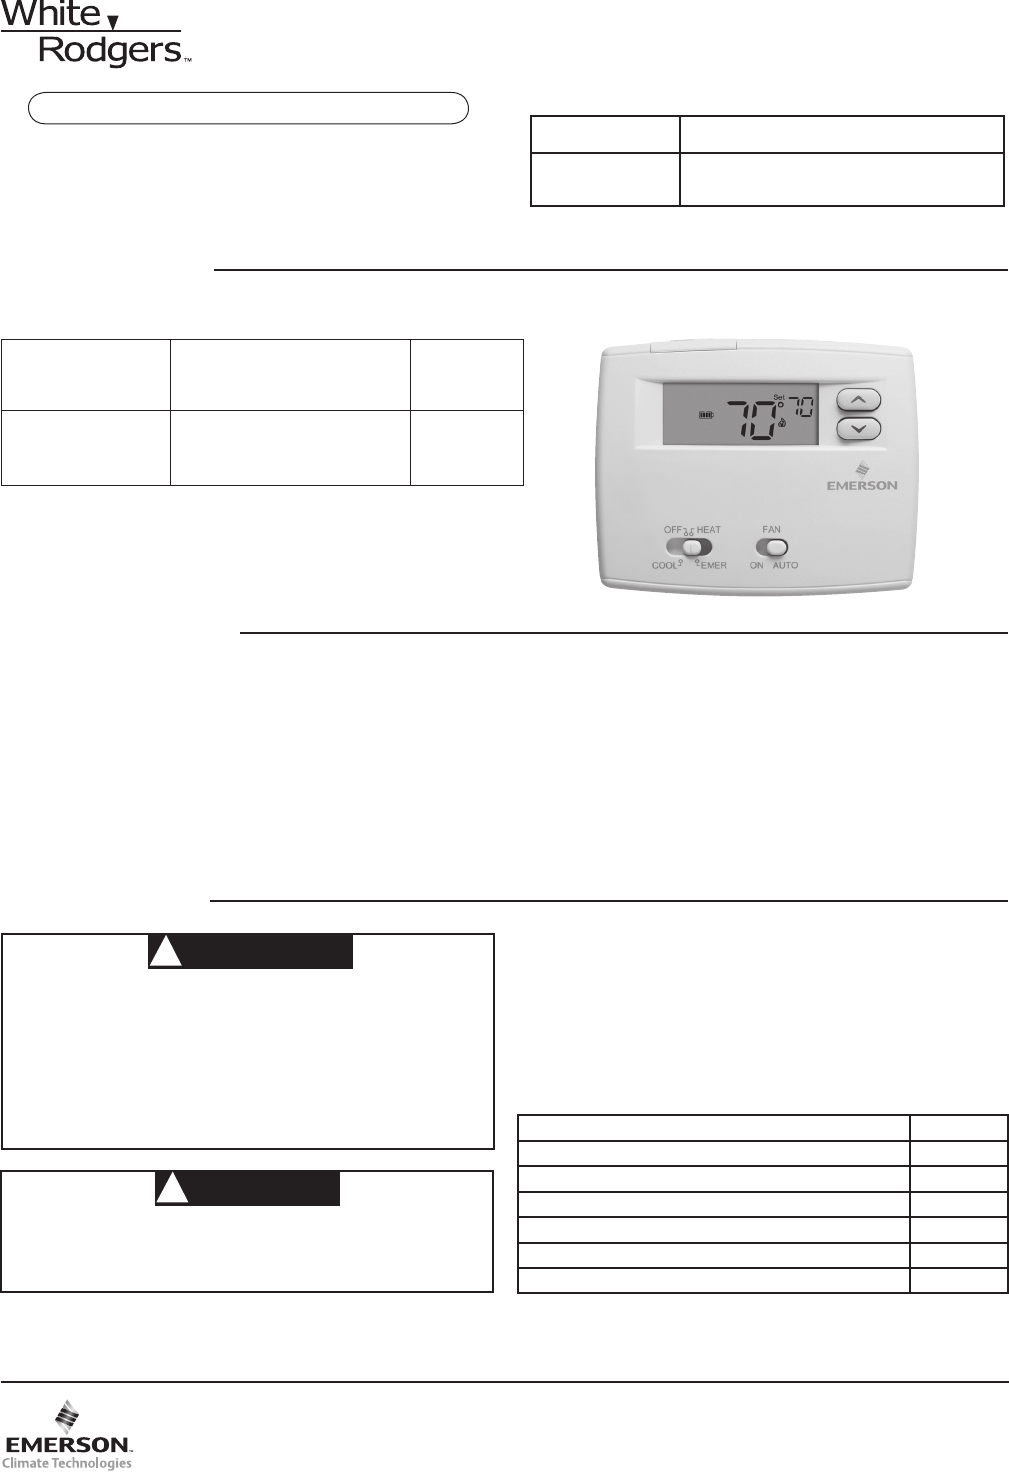 8d2d1bc4 7f4c 40d3 b2d0 a95413c80806 bg1?resize\\\\\\\\\\\\\\\\\\\\\\\\\\\=840%2C1230 relay rodgers diagrams white wiring s84a 85 gandul 45 77 79 119  at soozxer.org